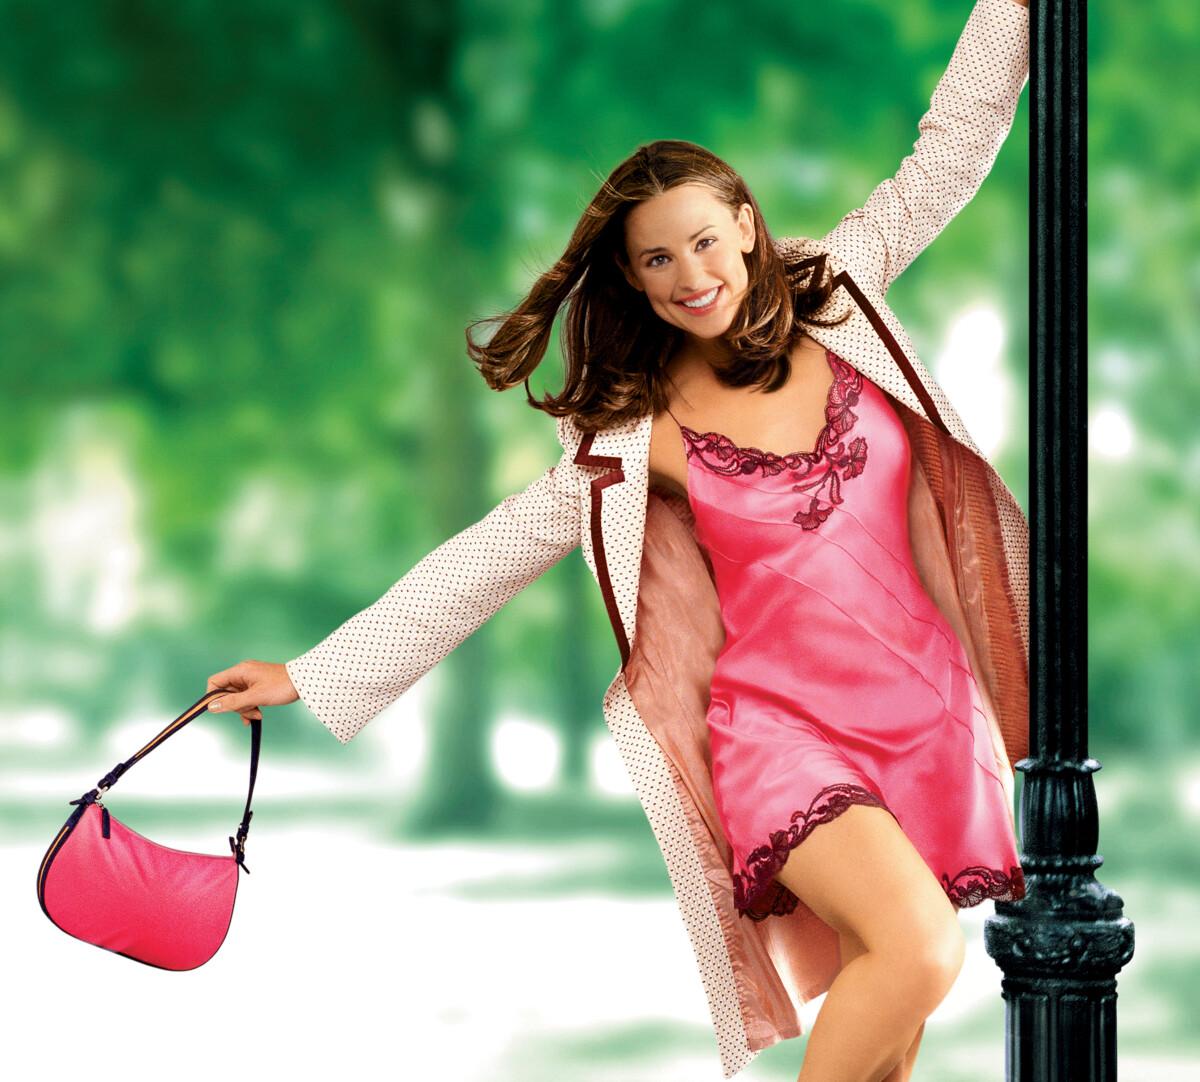 El sueño de mi vida - bolso baguette rosa